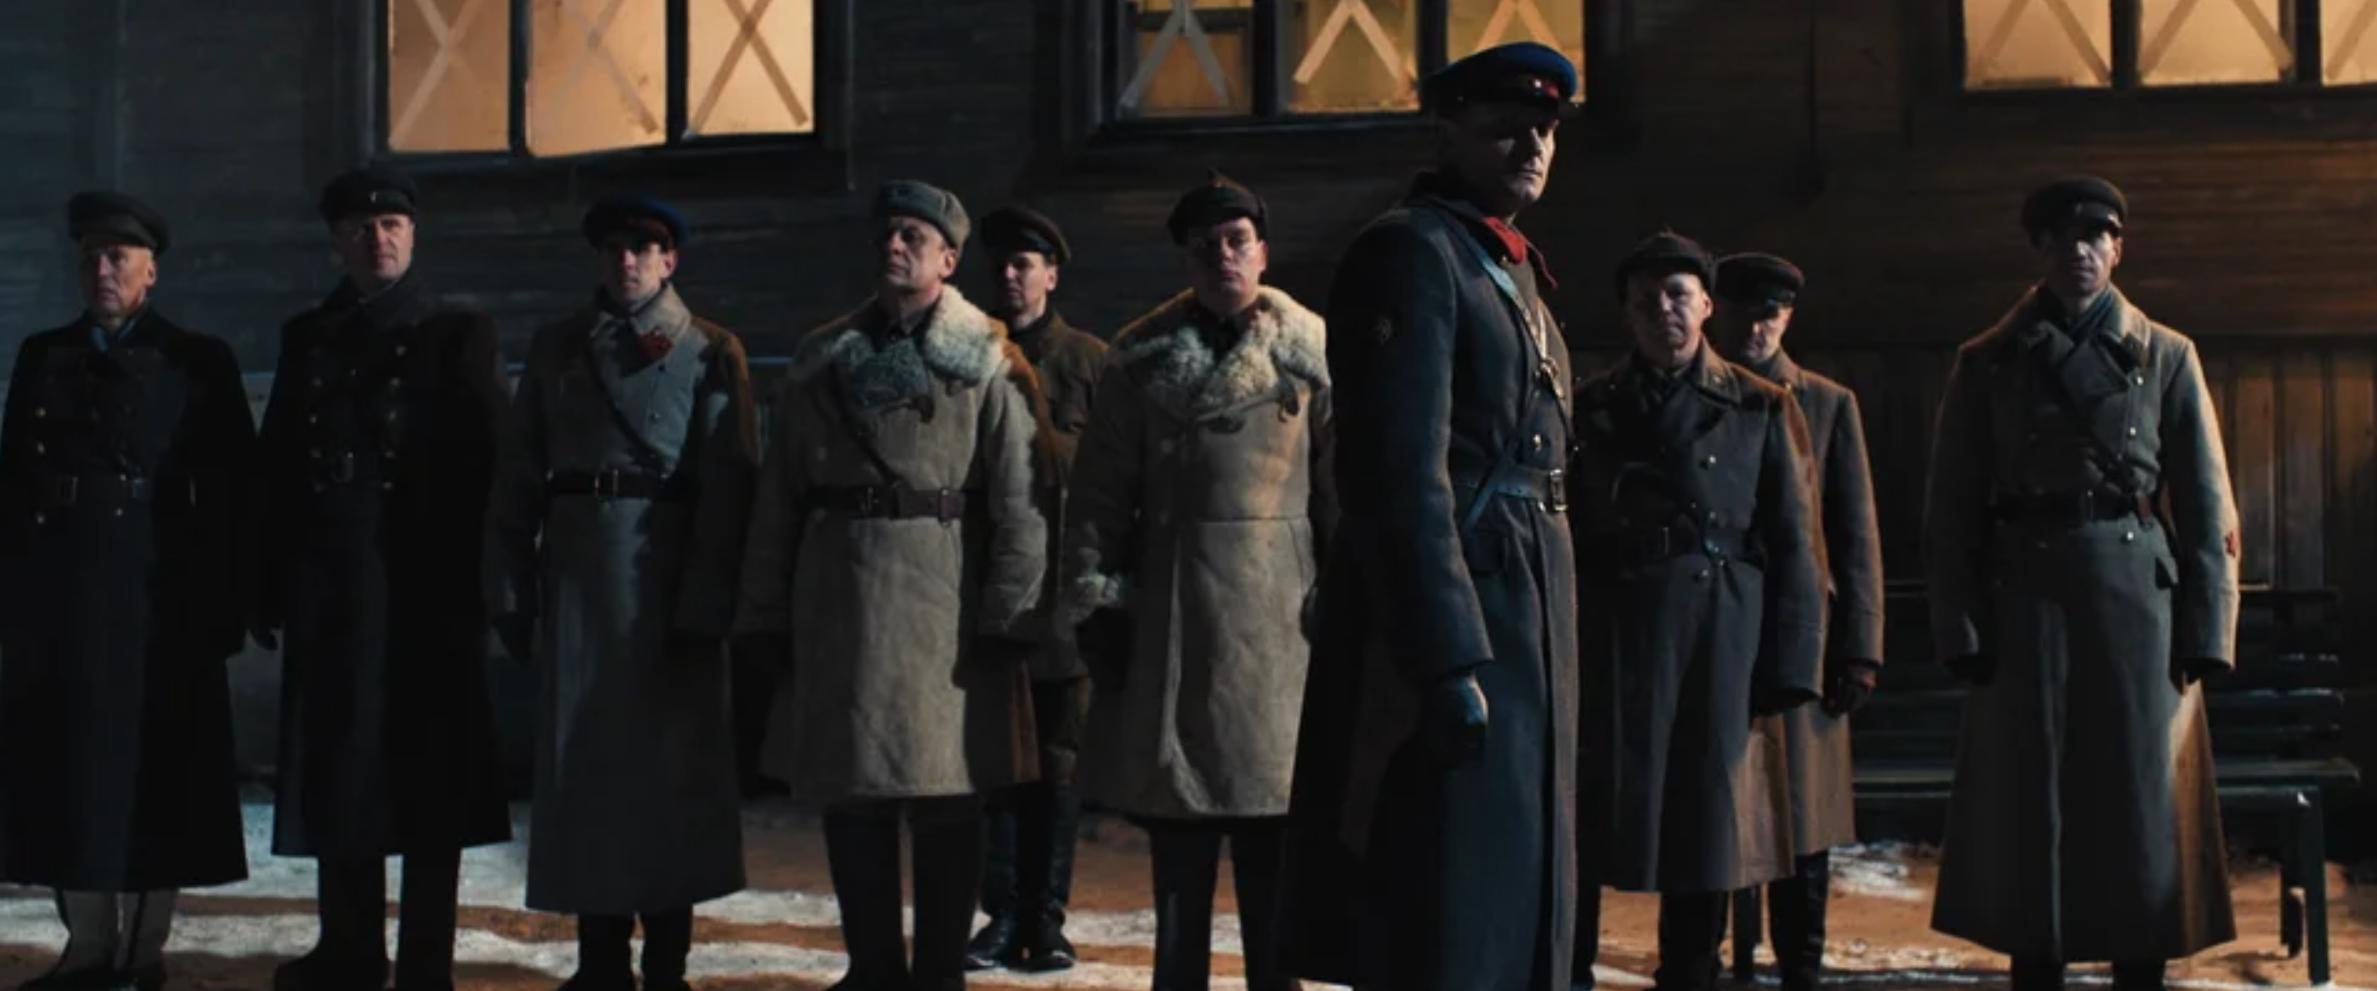 """«Савинов про кино»: """"Зоя"""" - фильм о страшном и вечном подвиге"""